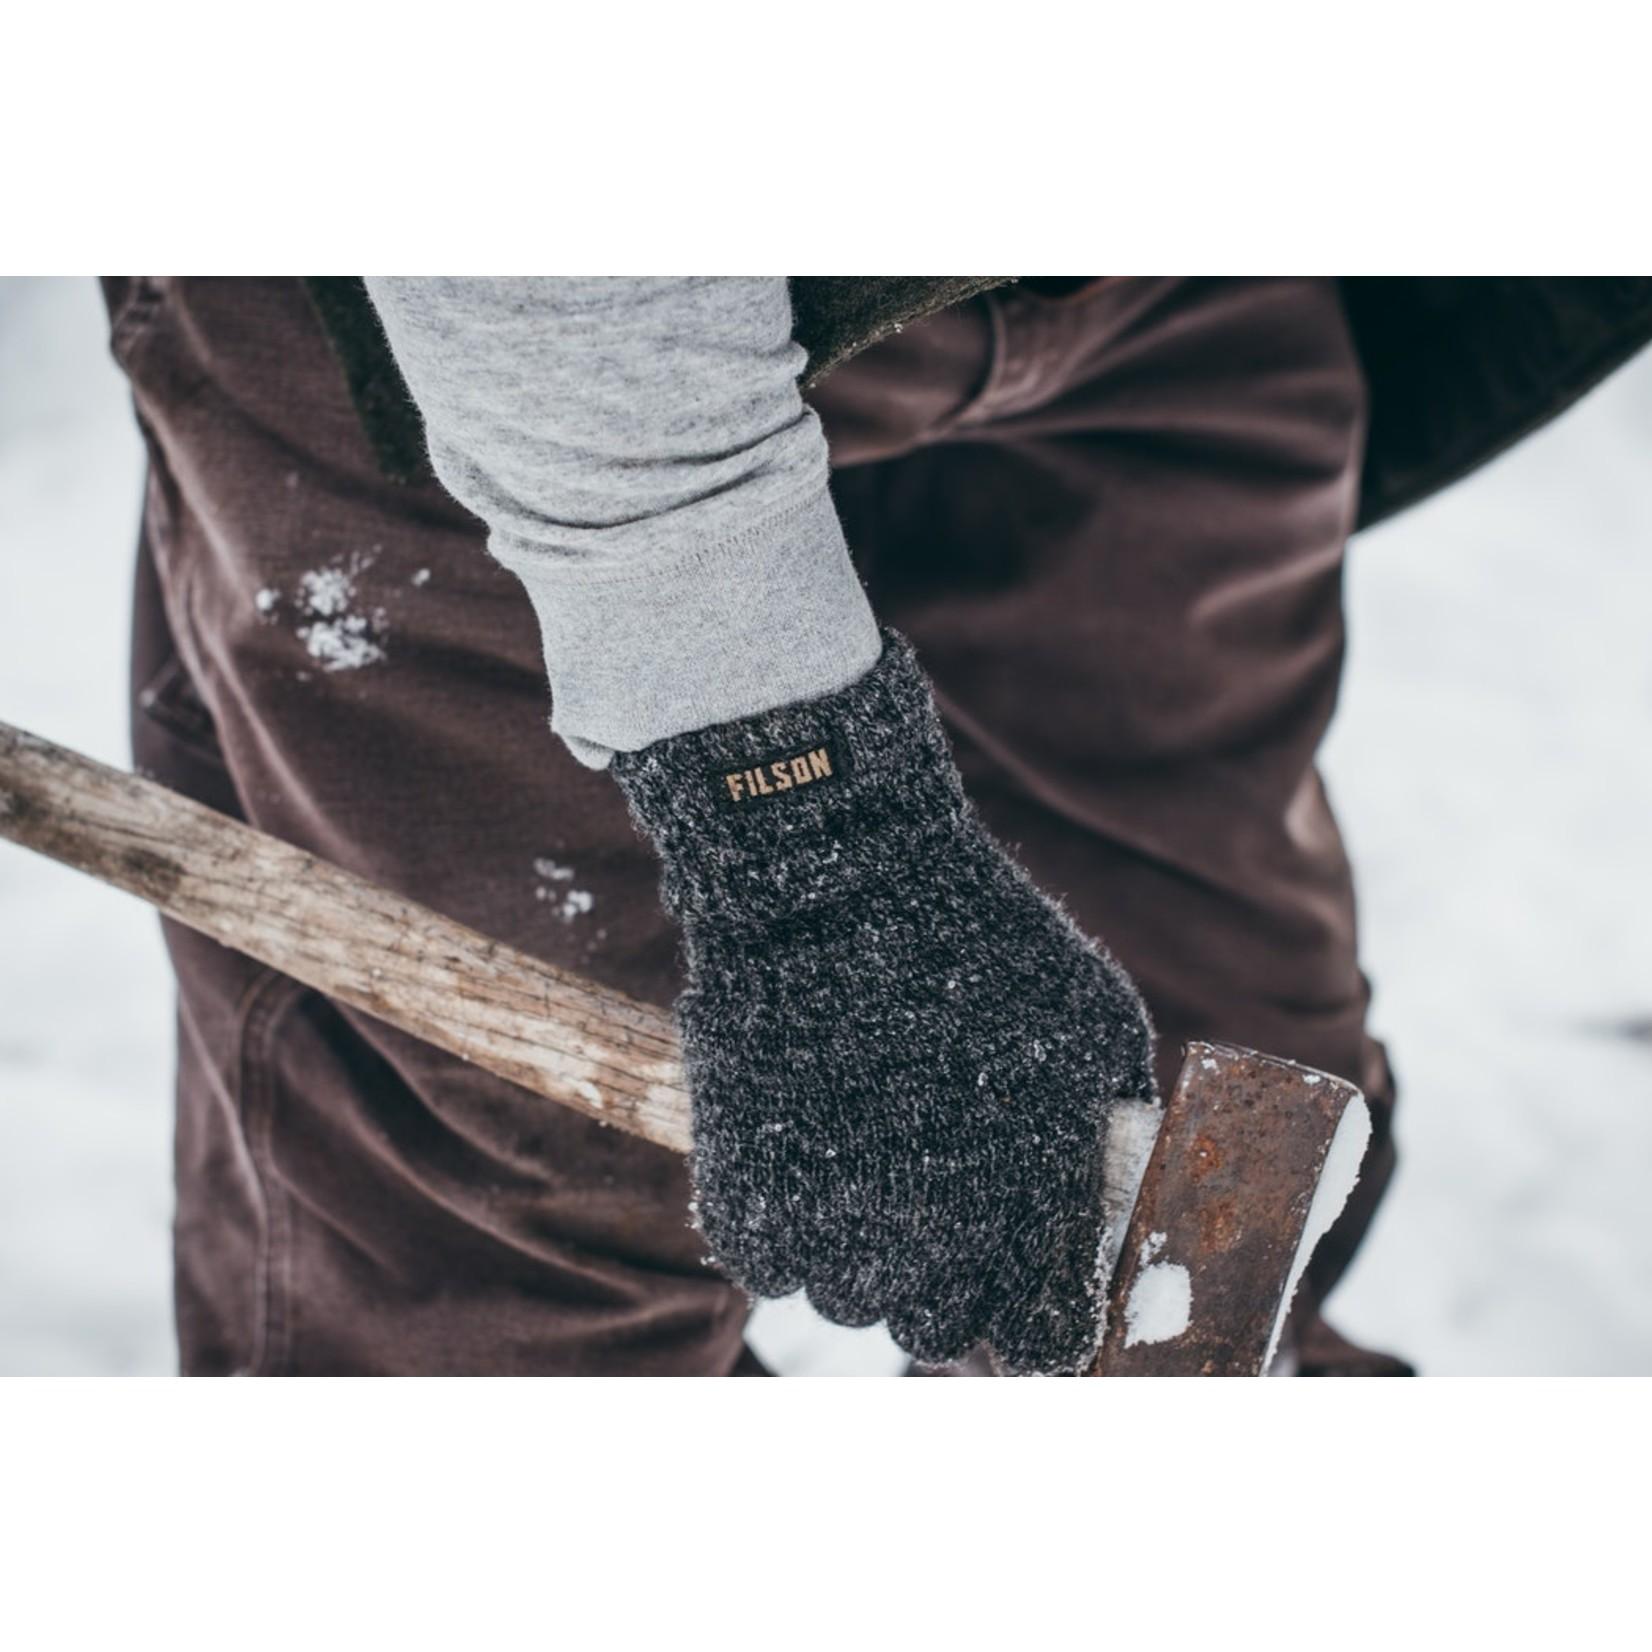 Filson Filson 20020939 Full-Finger Knit Gloves